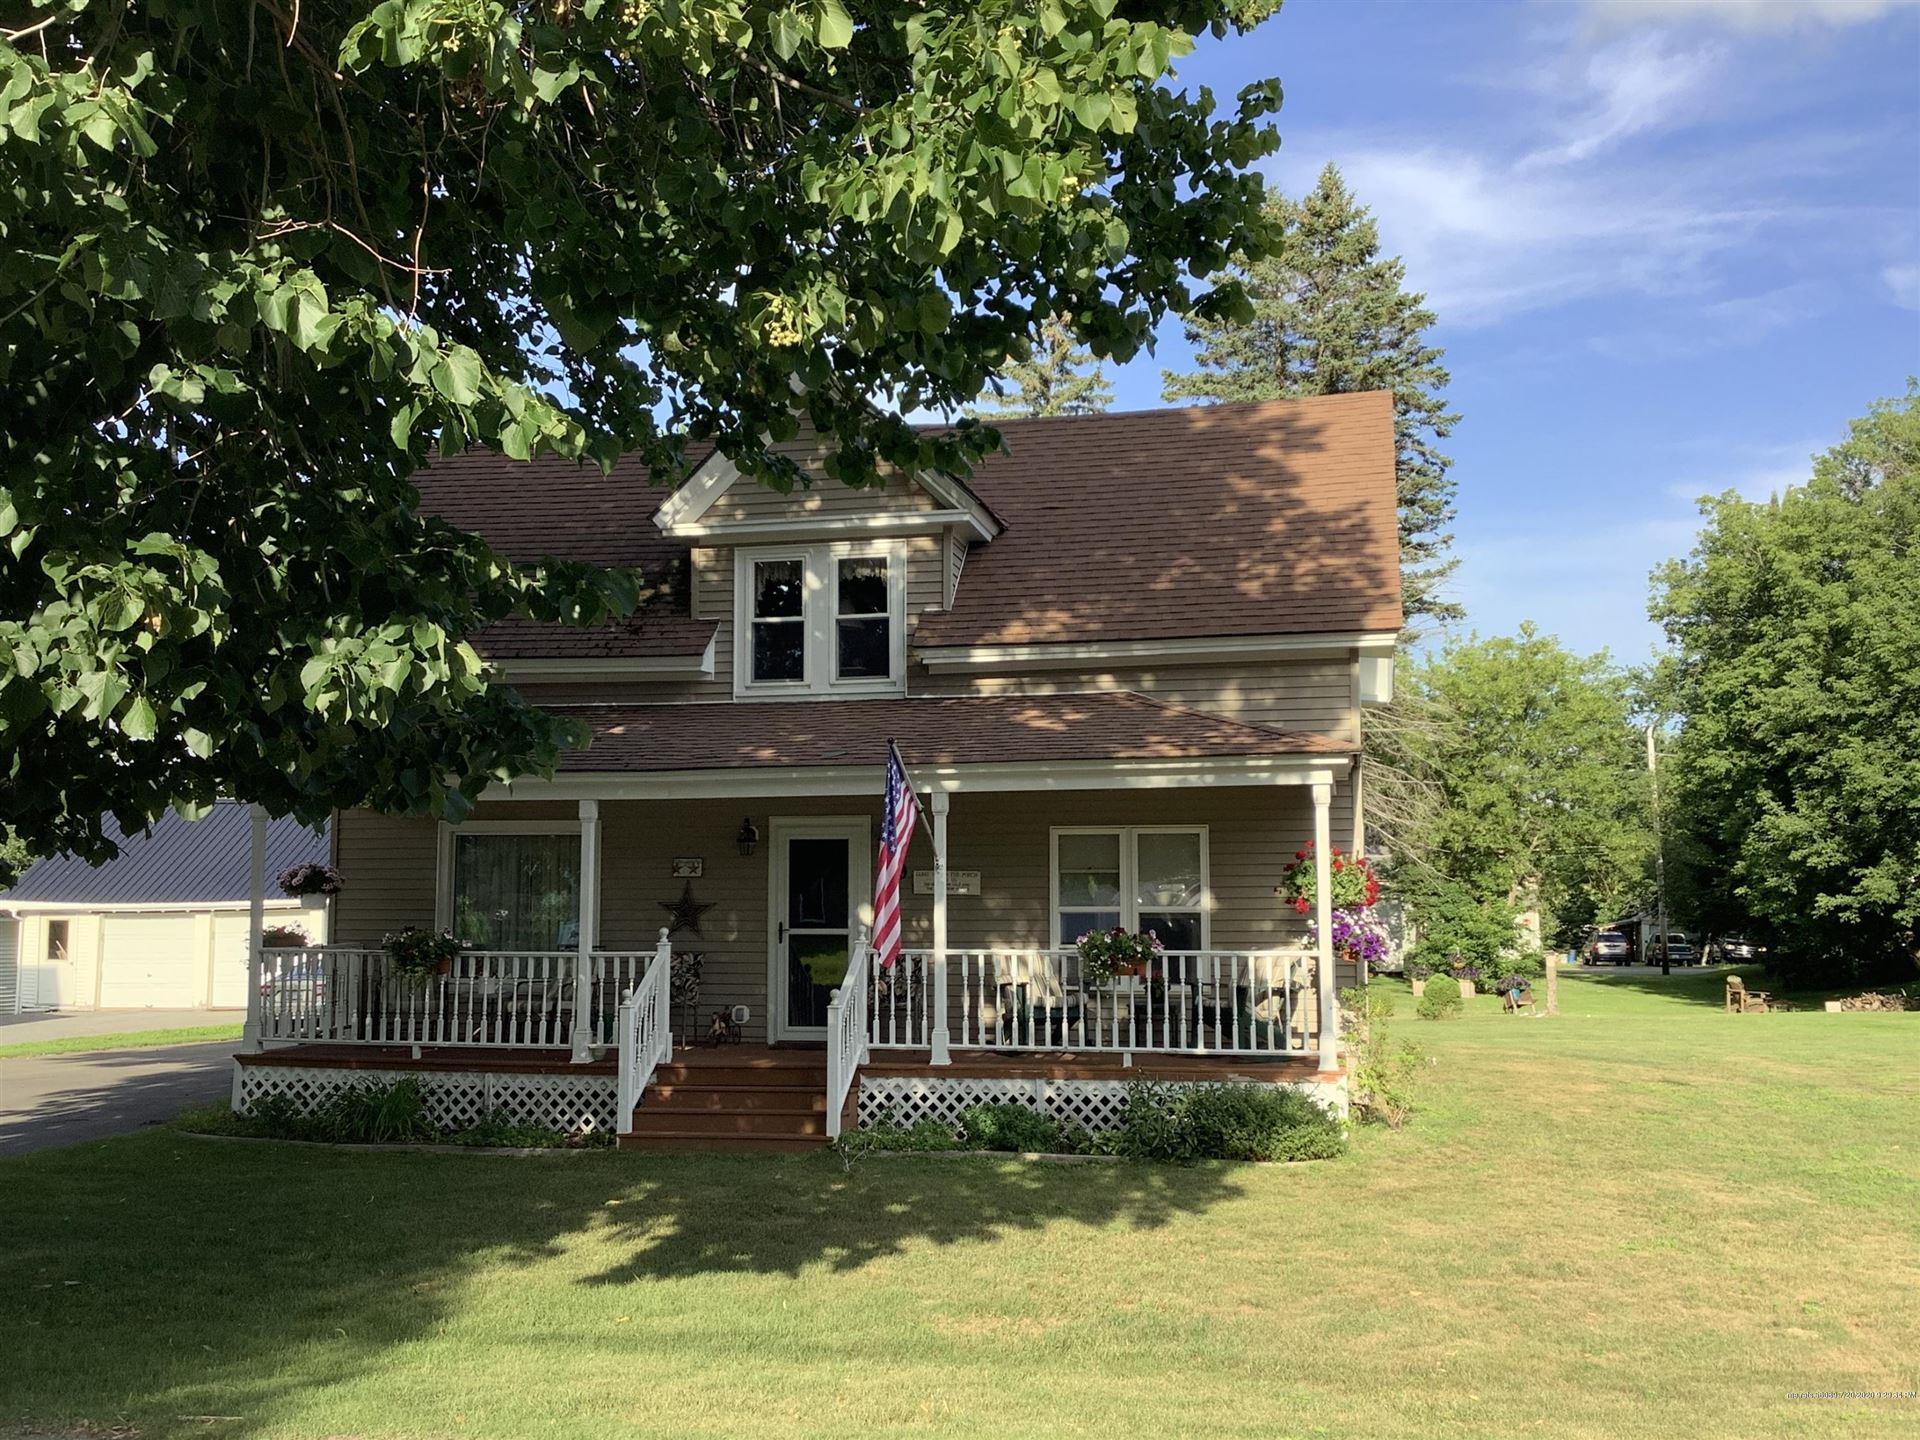 Photo of 69 Elm Street, Fort Fairfield, ME 04742 (MLS # 1461174)